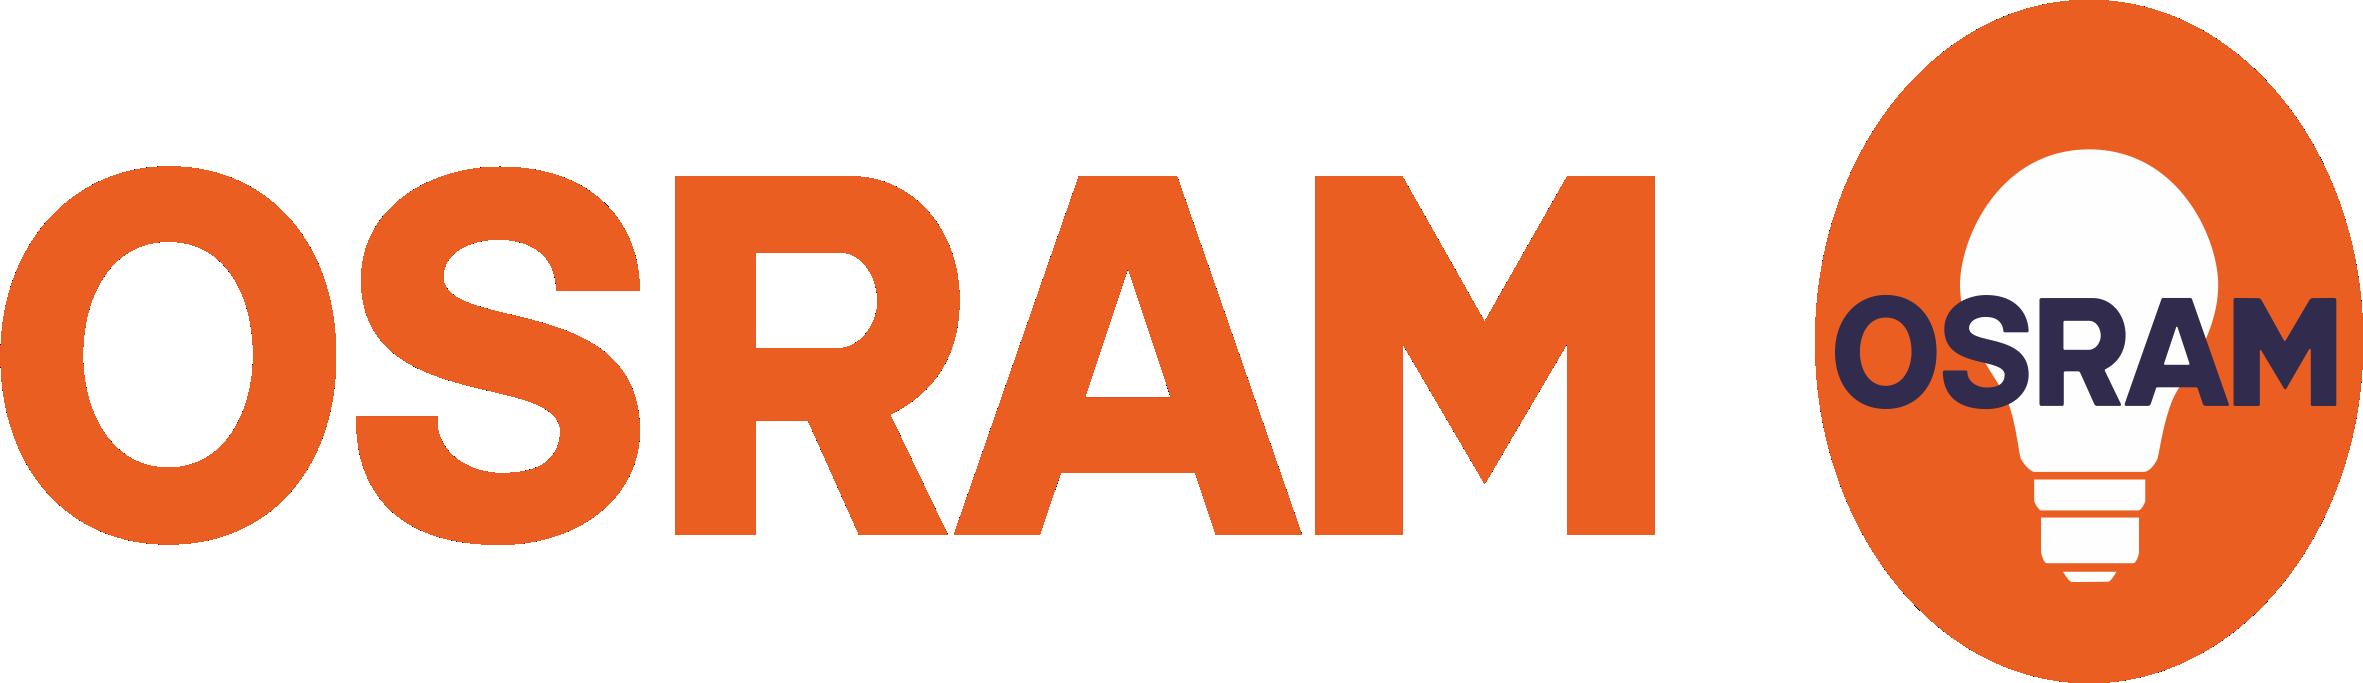 OSRAM Gobohersteller